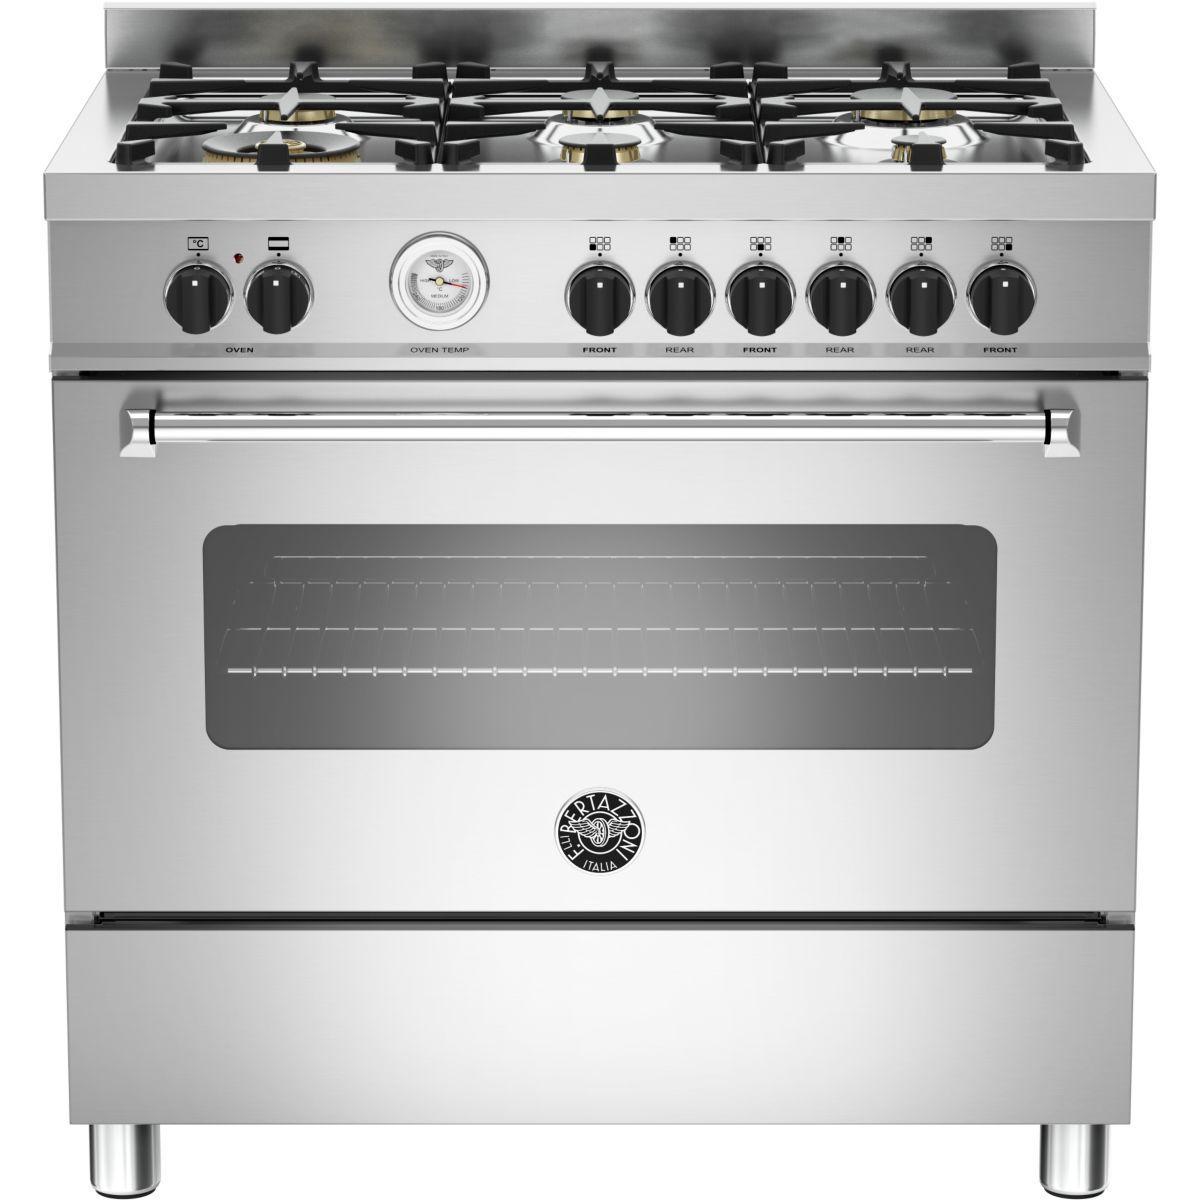 Cuisinière gaz bertazzoni mas90 6 mfe s xt - produit coup de coeur webdistrib.com ! (photo)